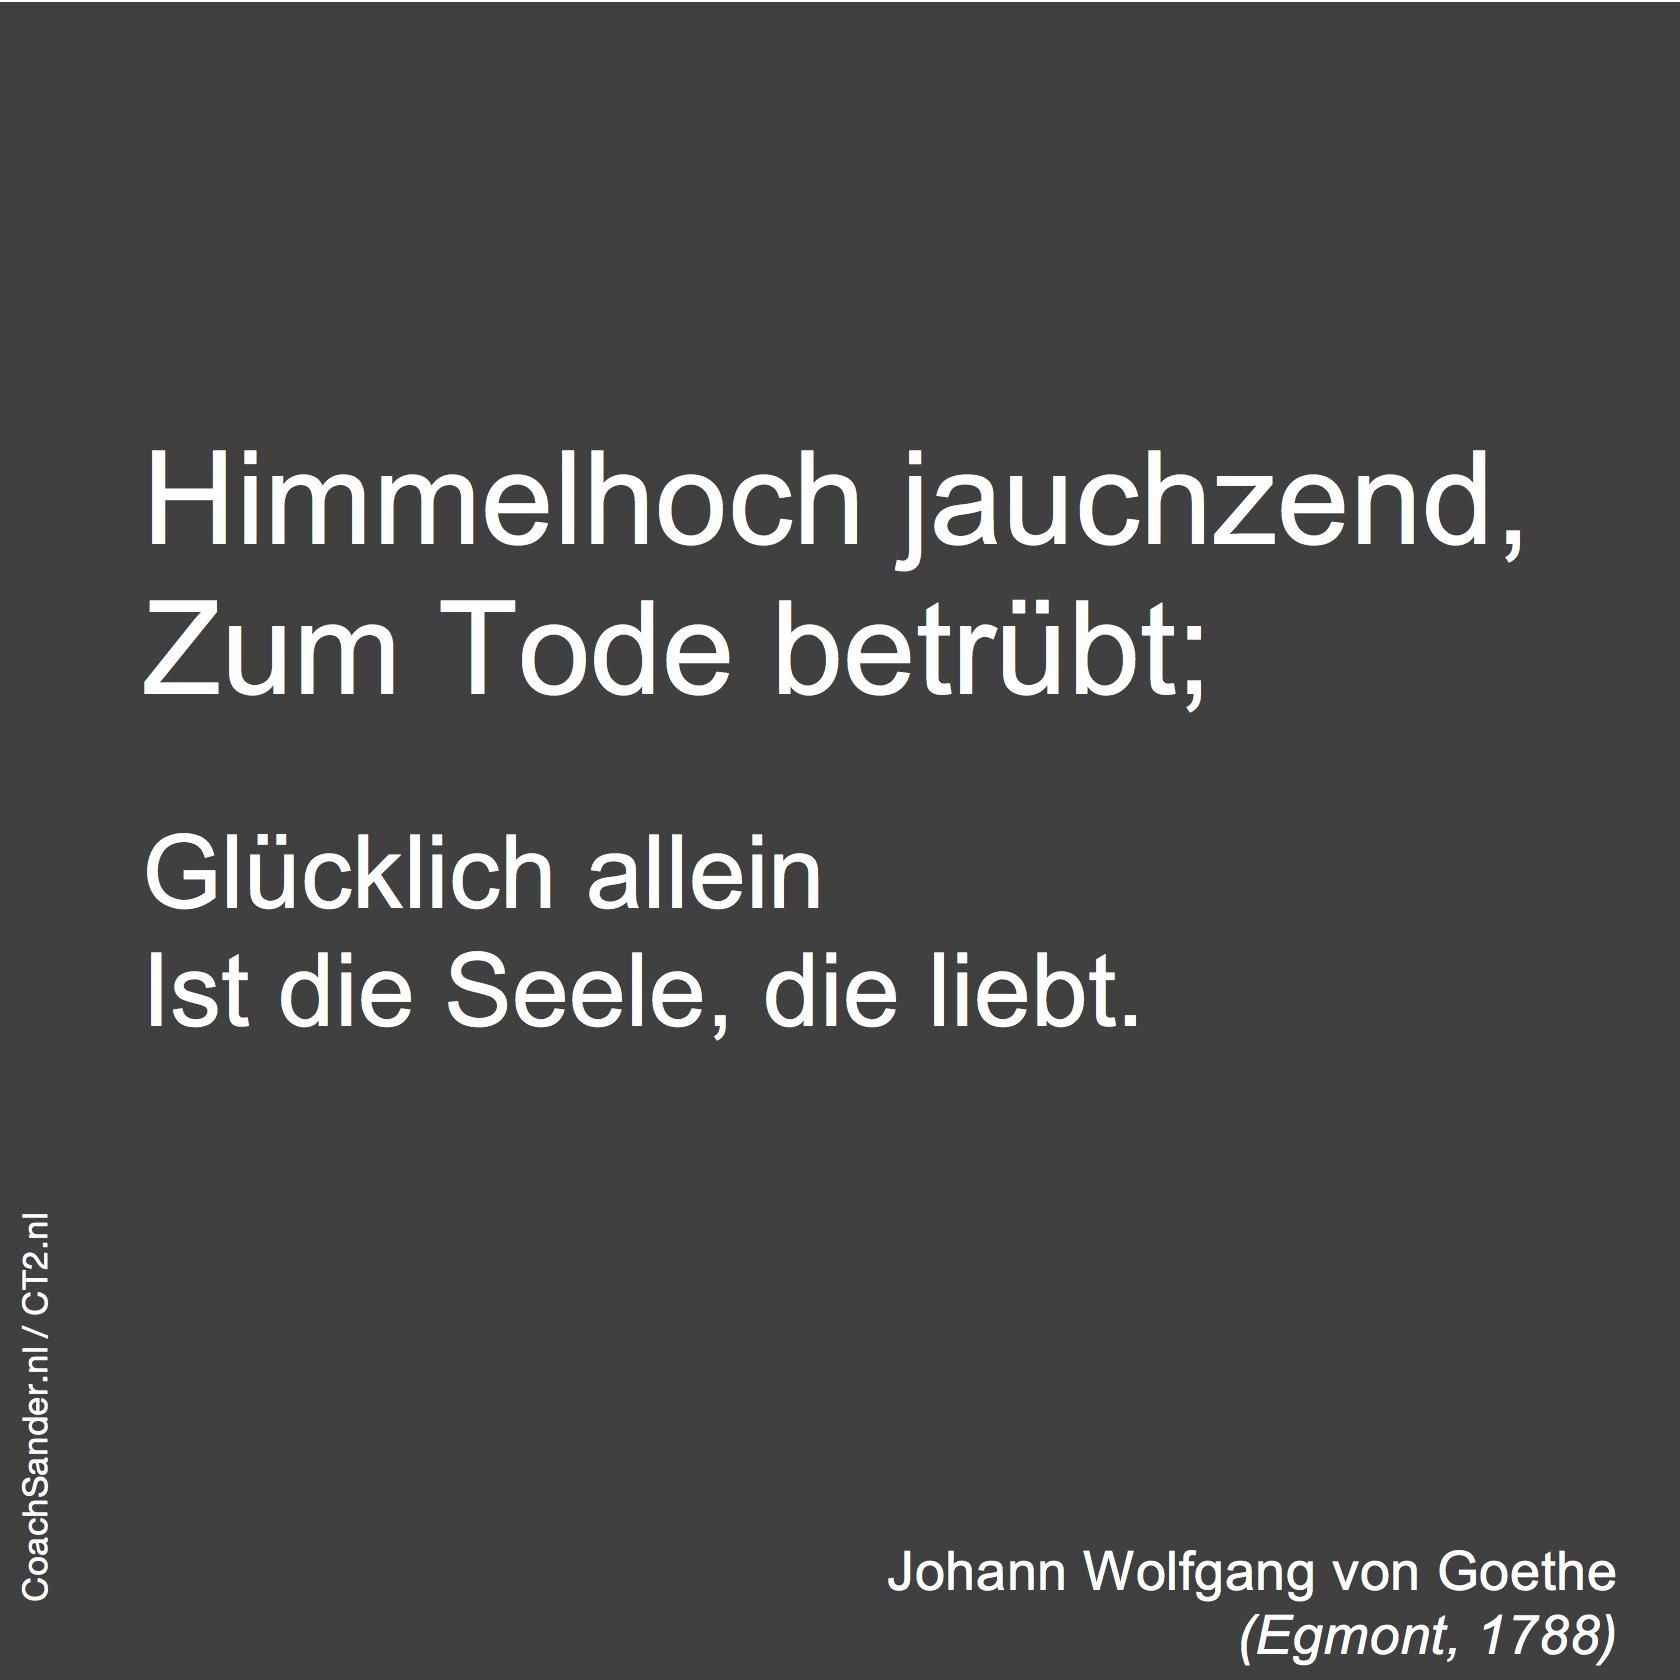 Himmelhoch jauchzend - CoachSander.nl